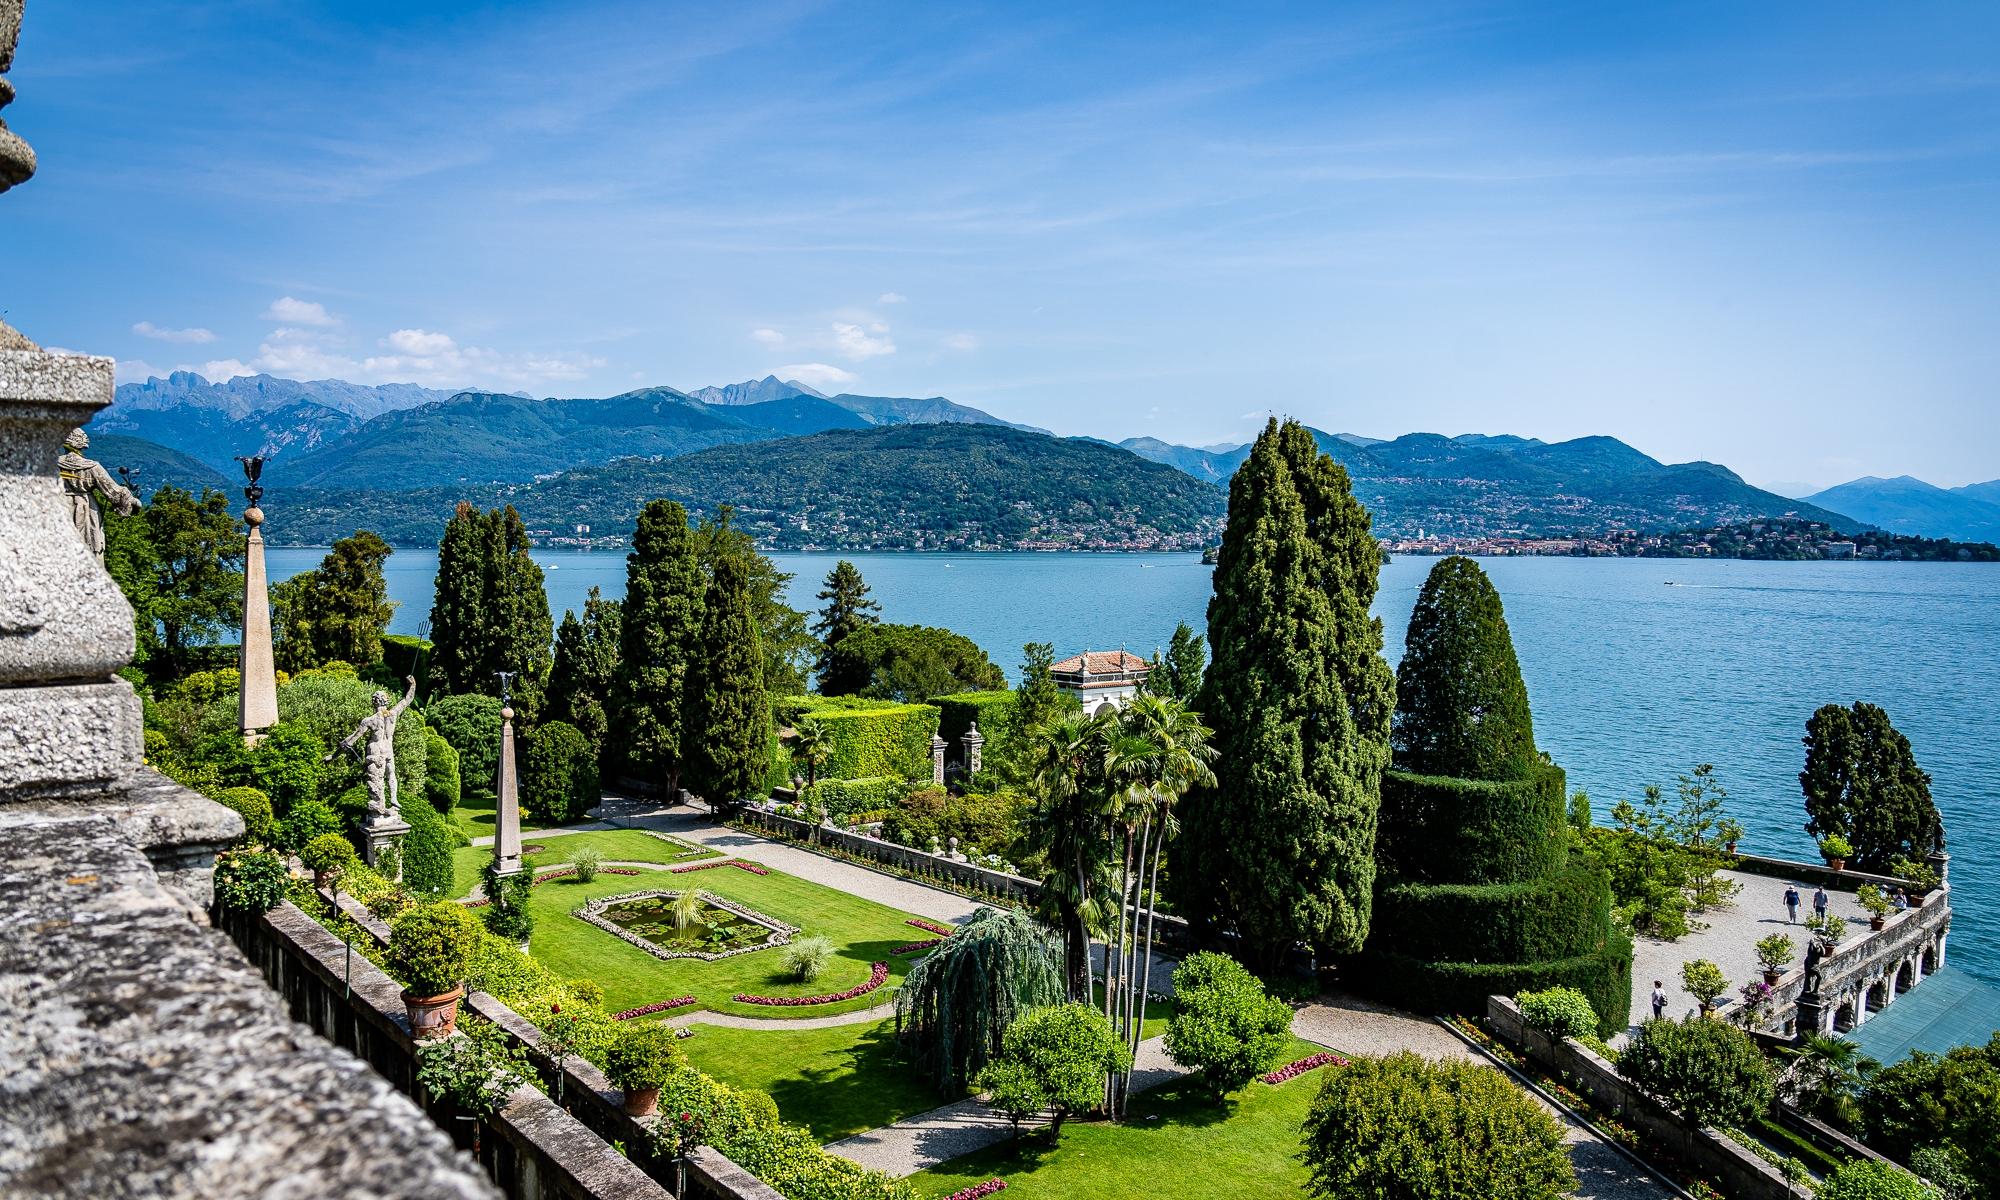 Isola Bella Garden Lago Maggiore